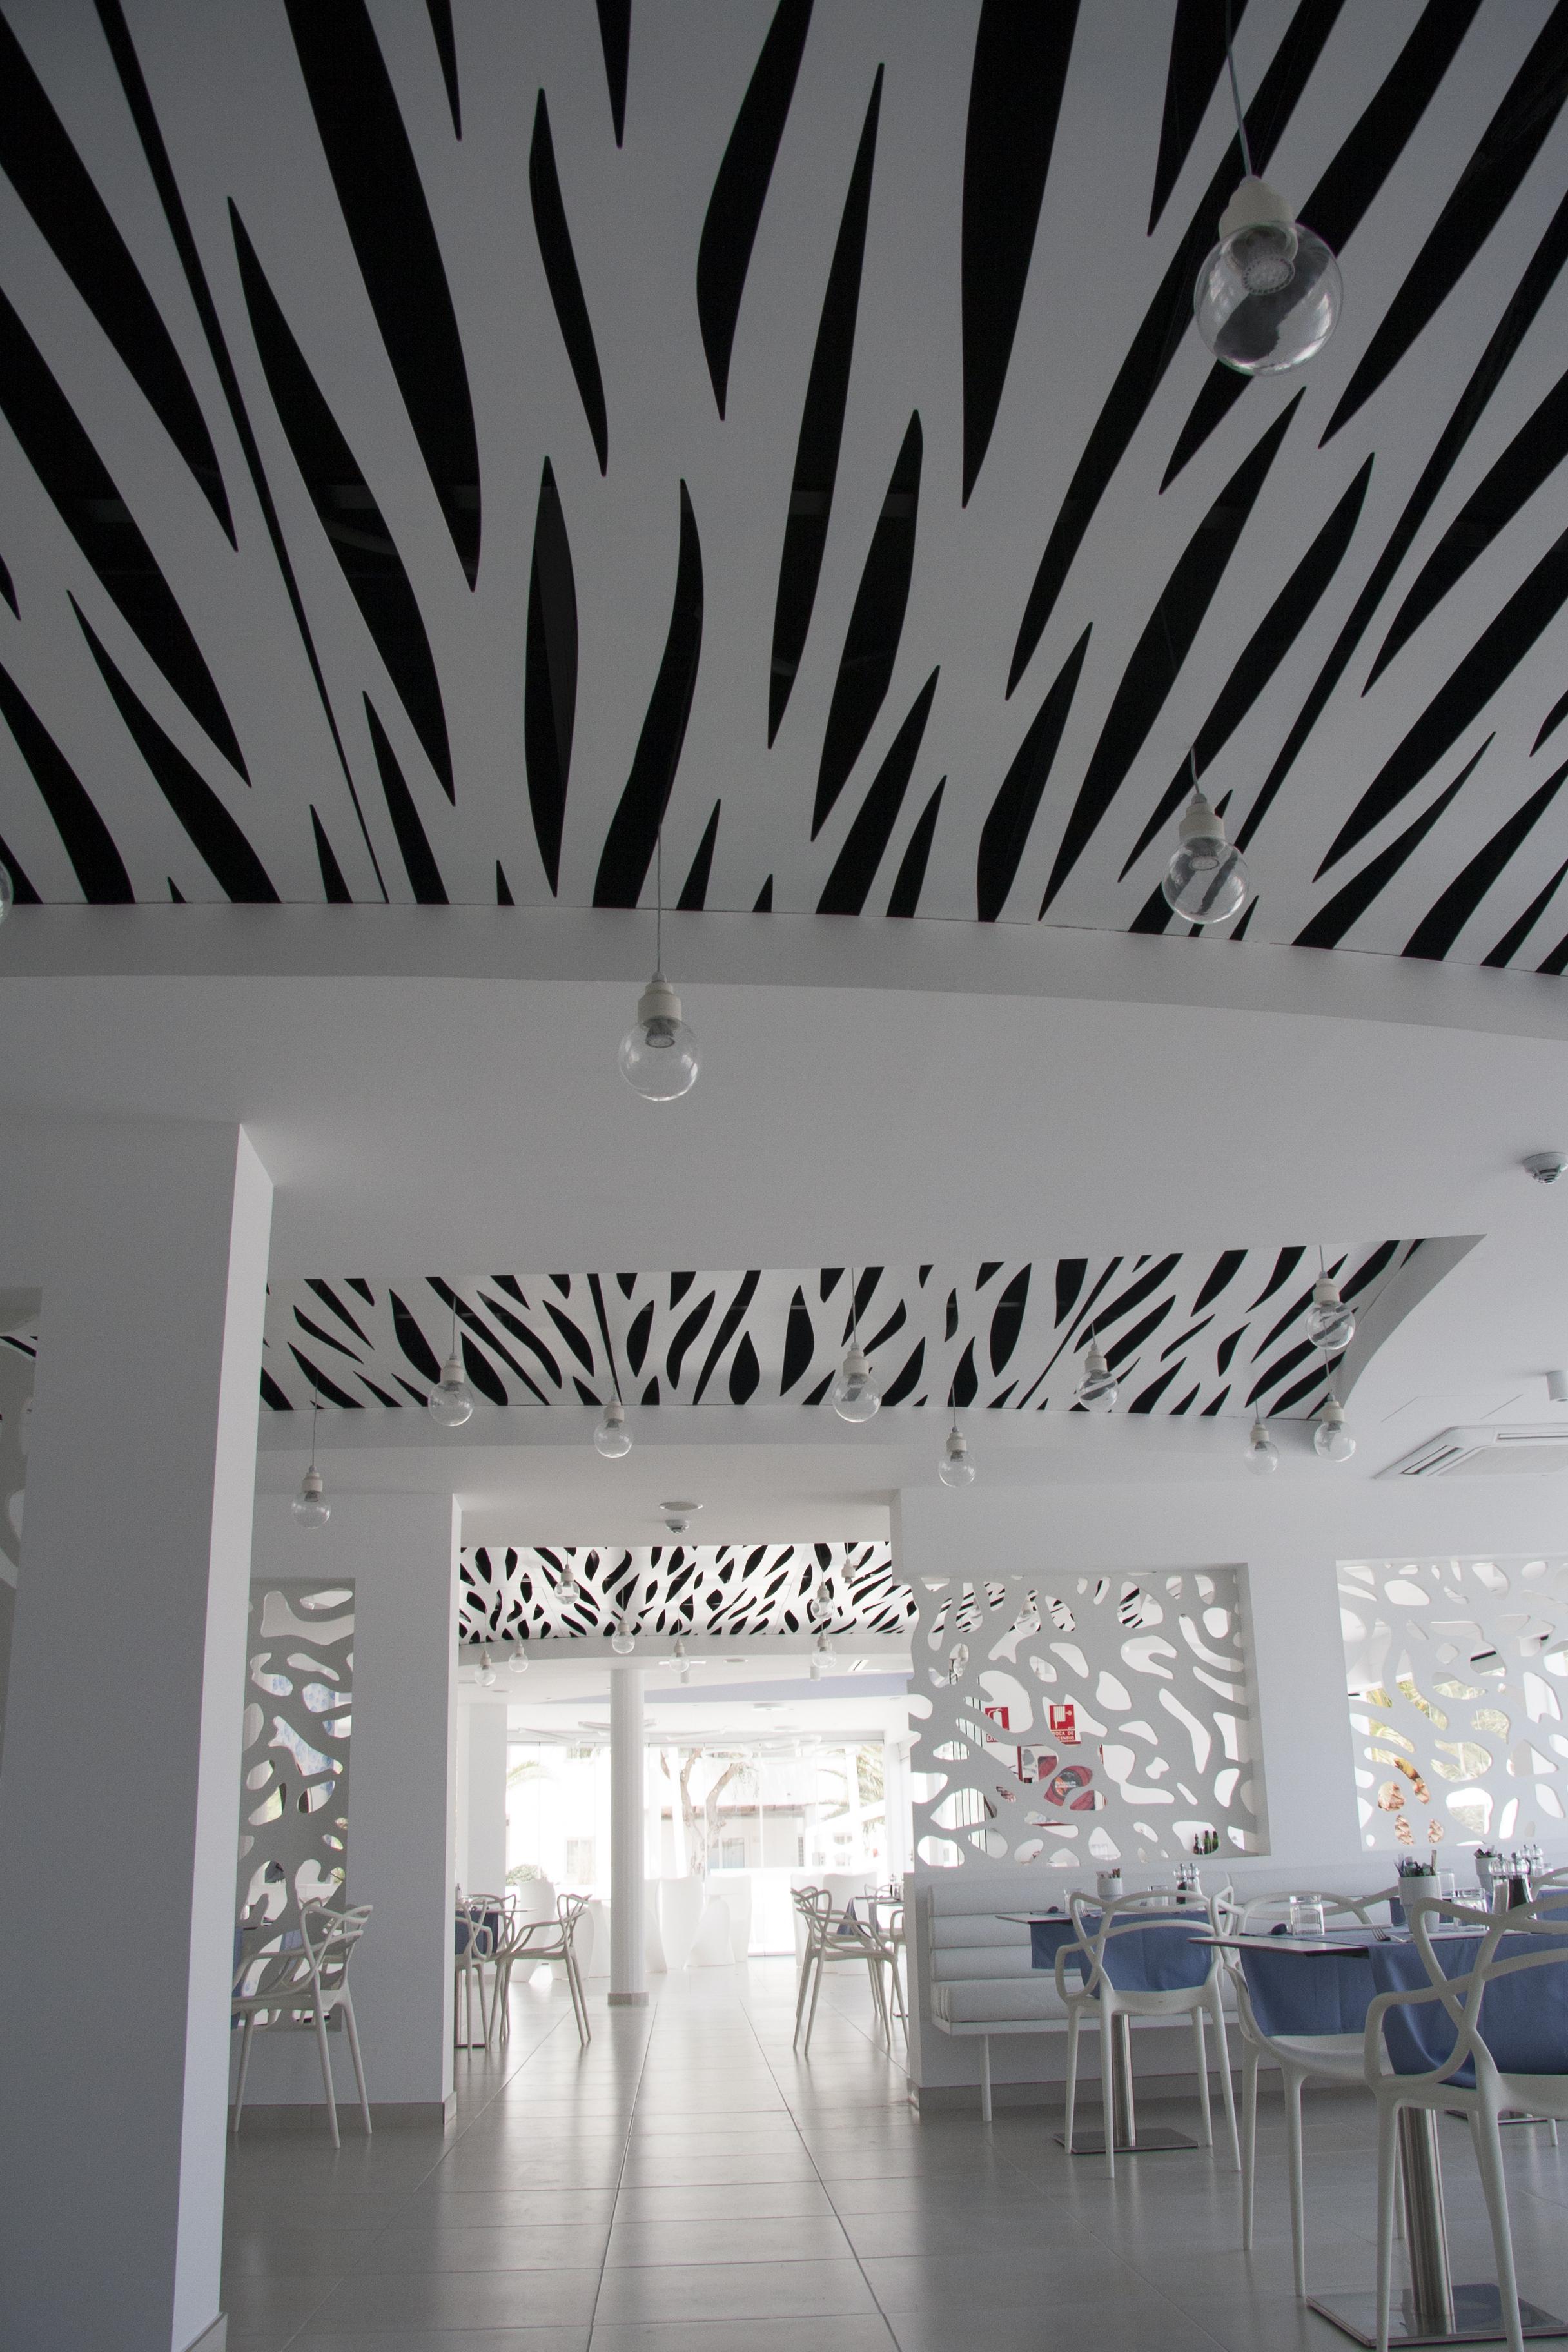 Celos a luft aluminio tienda de decoraci n celos as - Celosia de aluminio ...